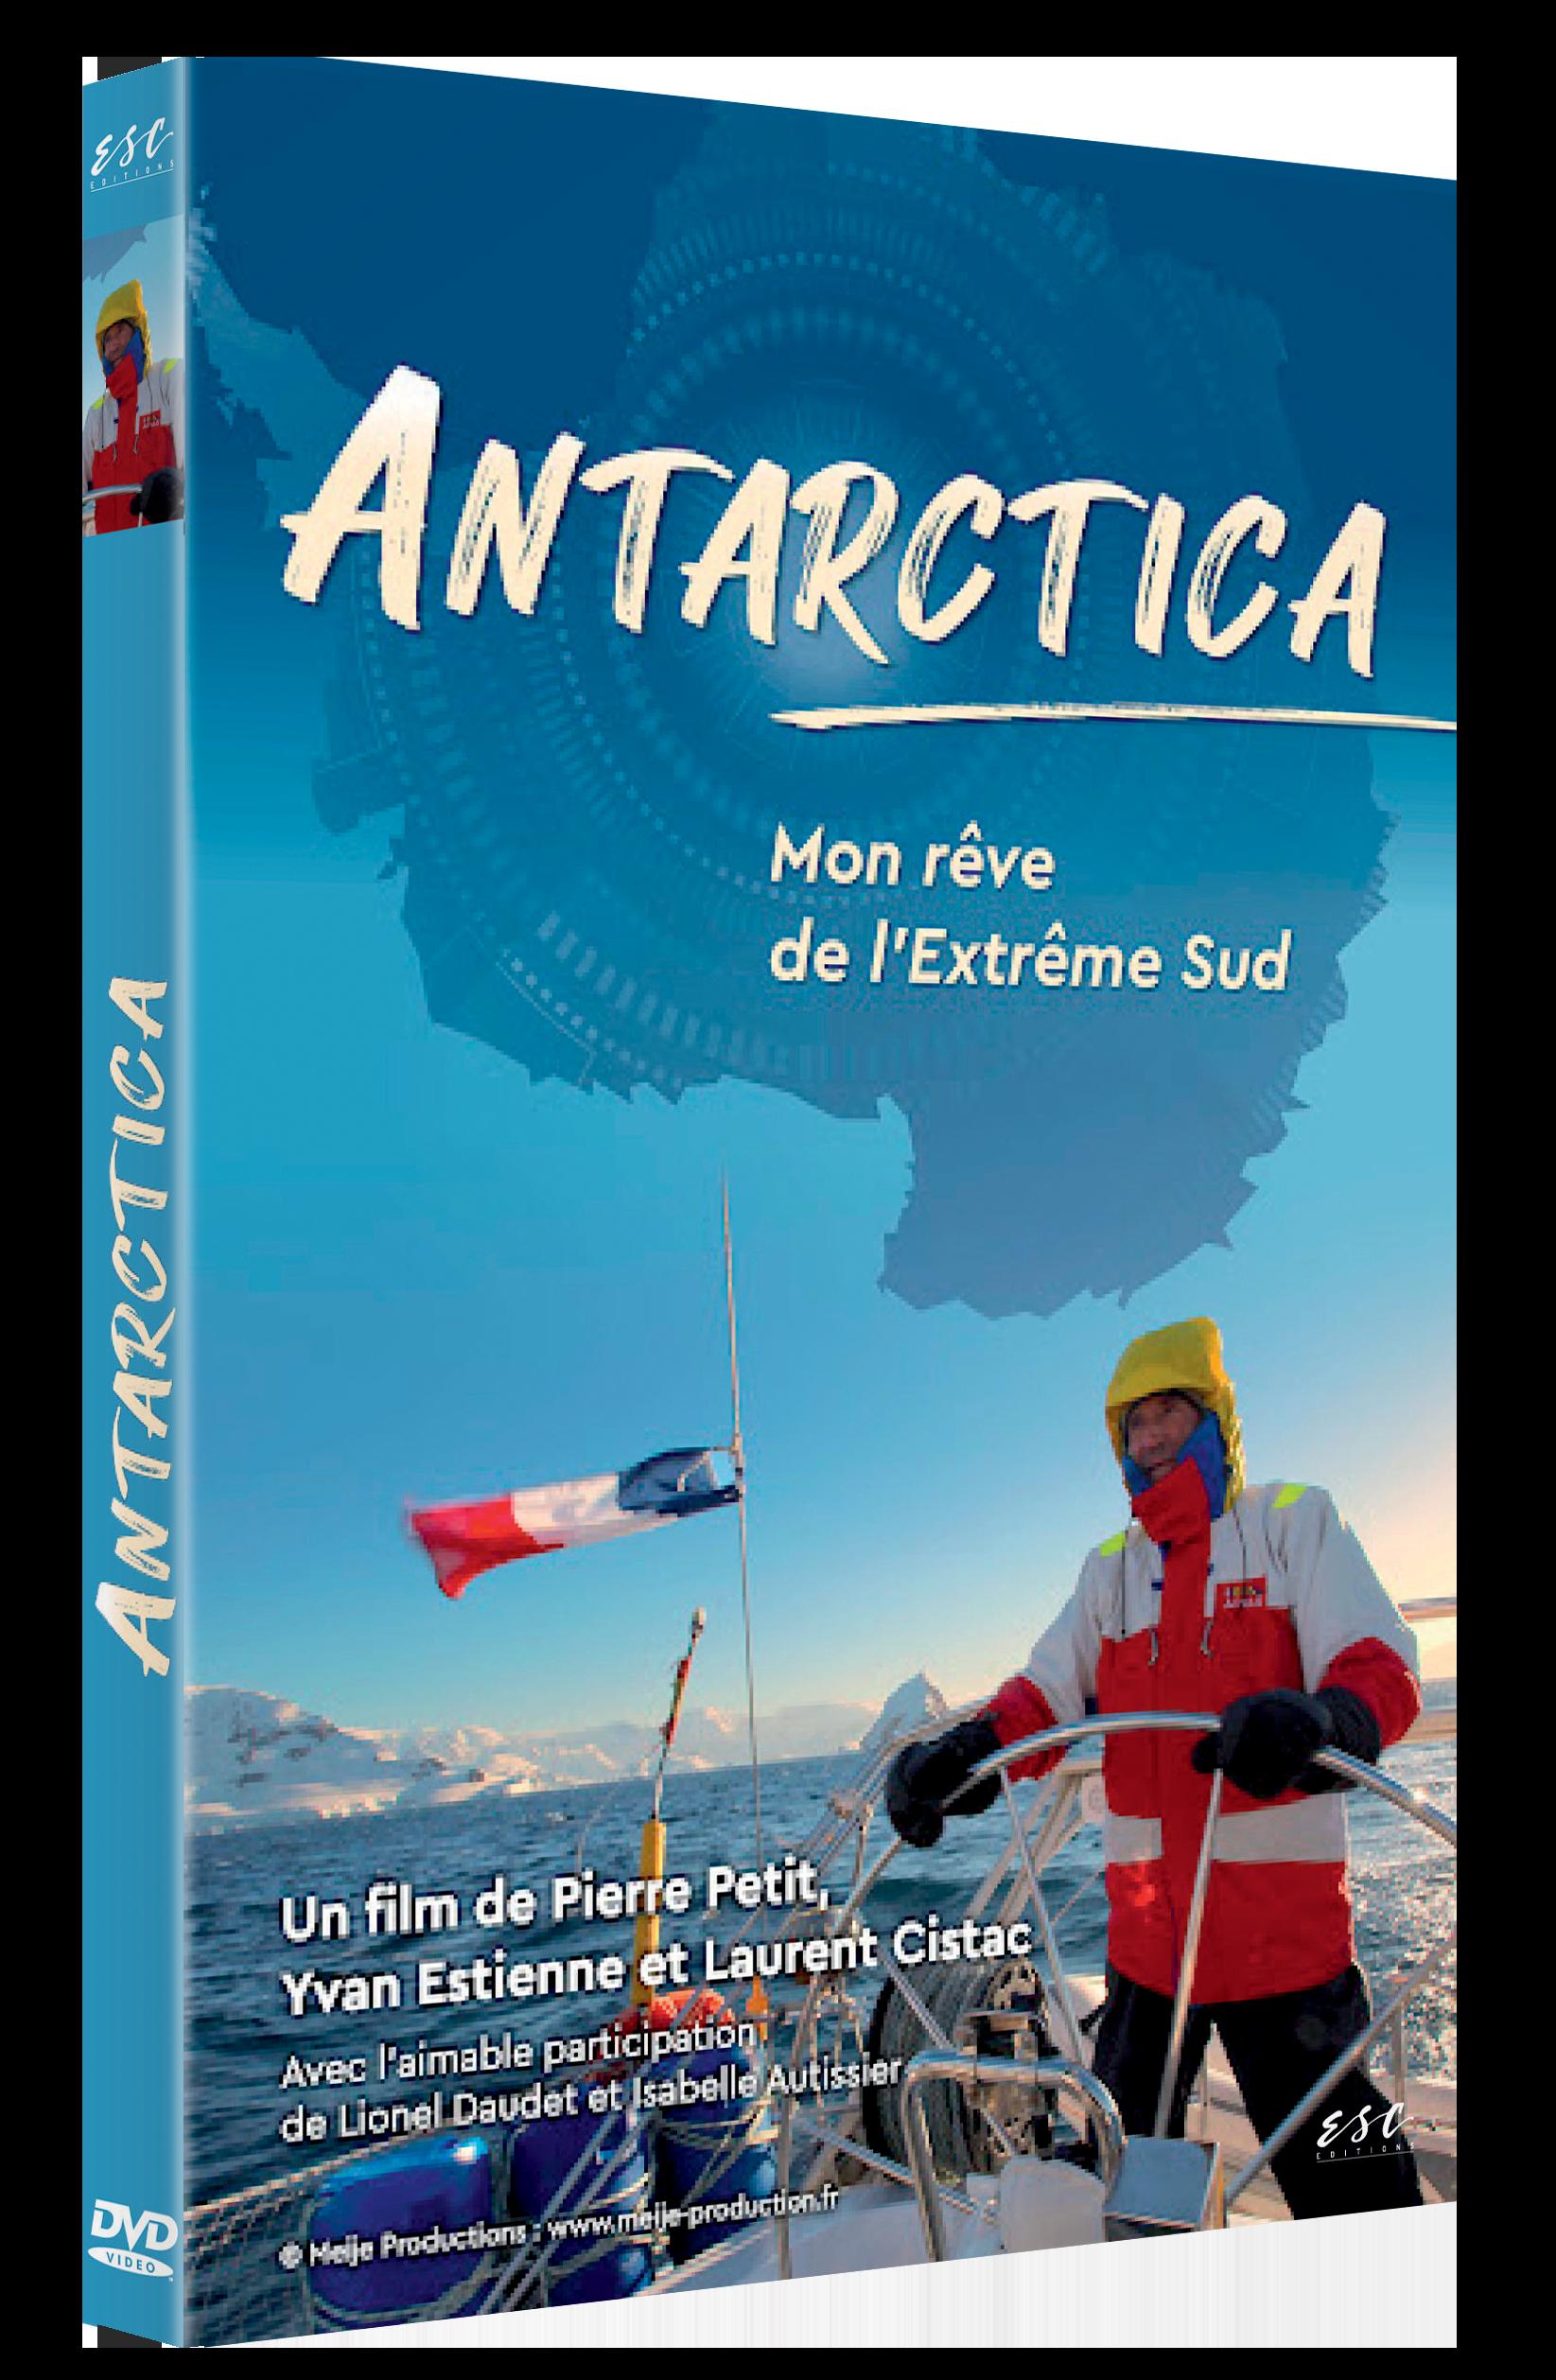 ANTARCTICA - MON REVE DE L'EXTREME SUD